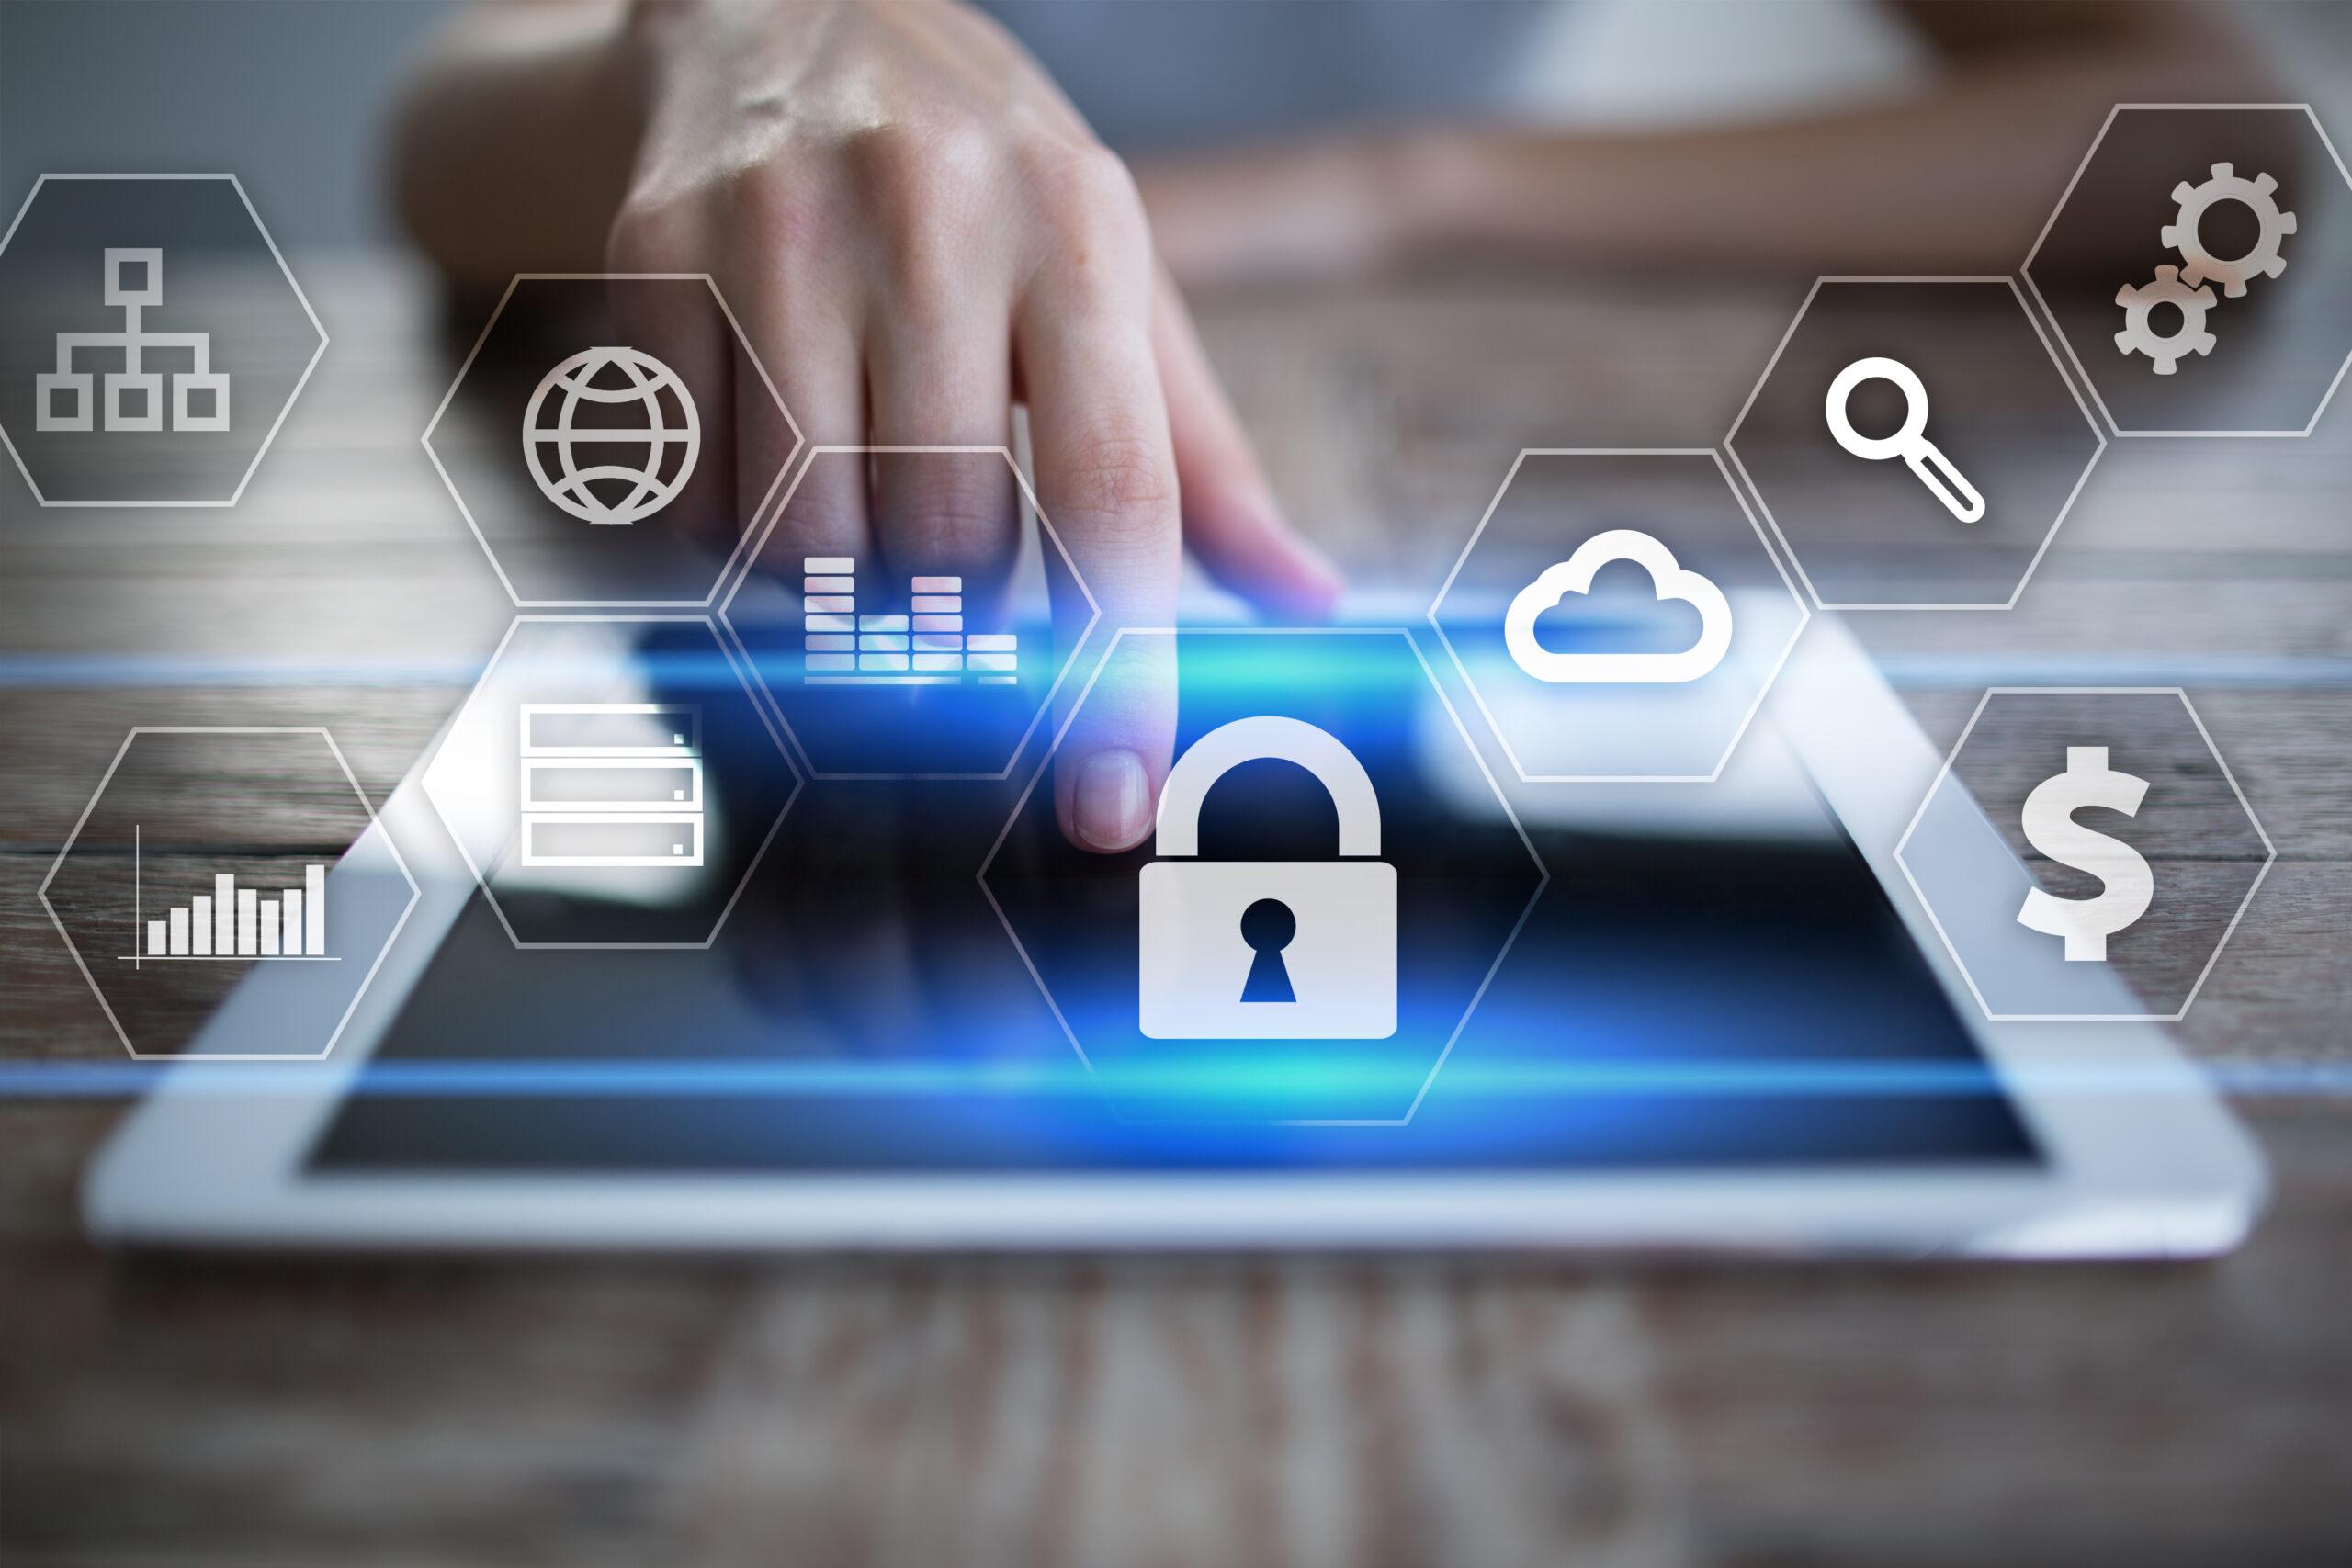 Ciberseguridad. ¿Cómo protegernos?